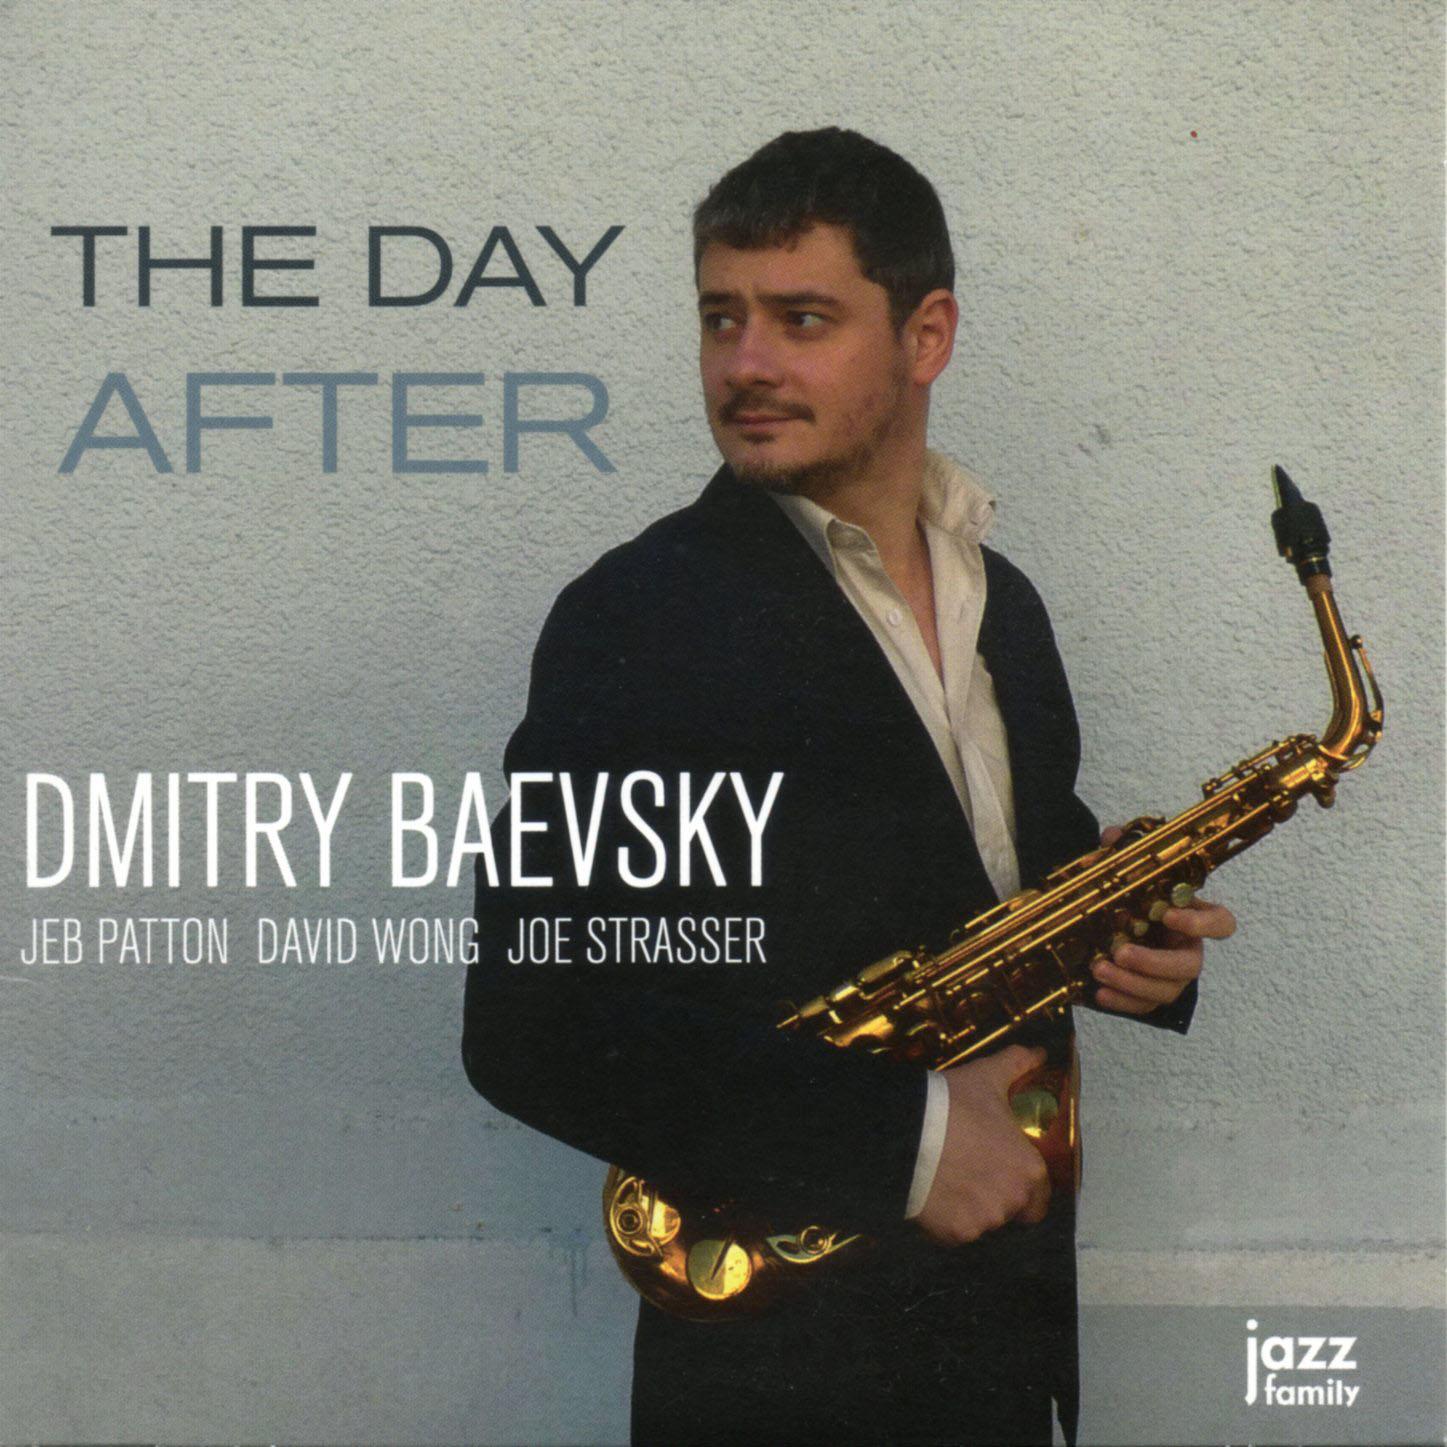 ALBUM-DmitryBaevsky-WEB-1528116387.jpg